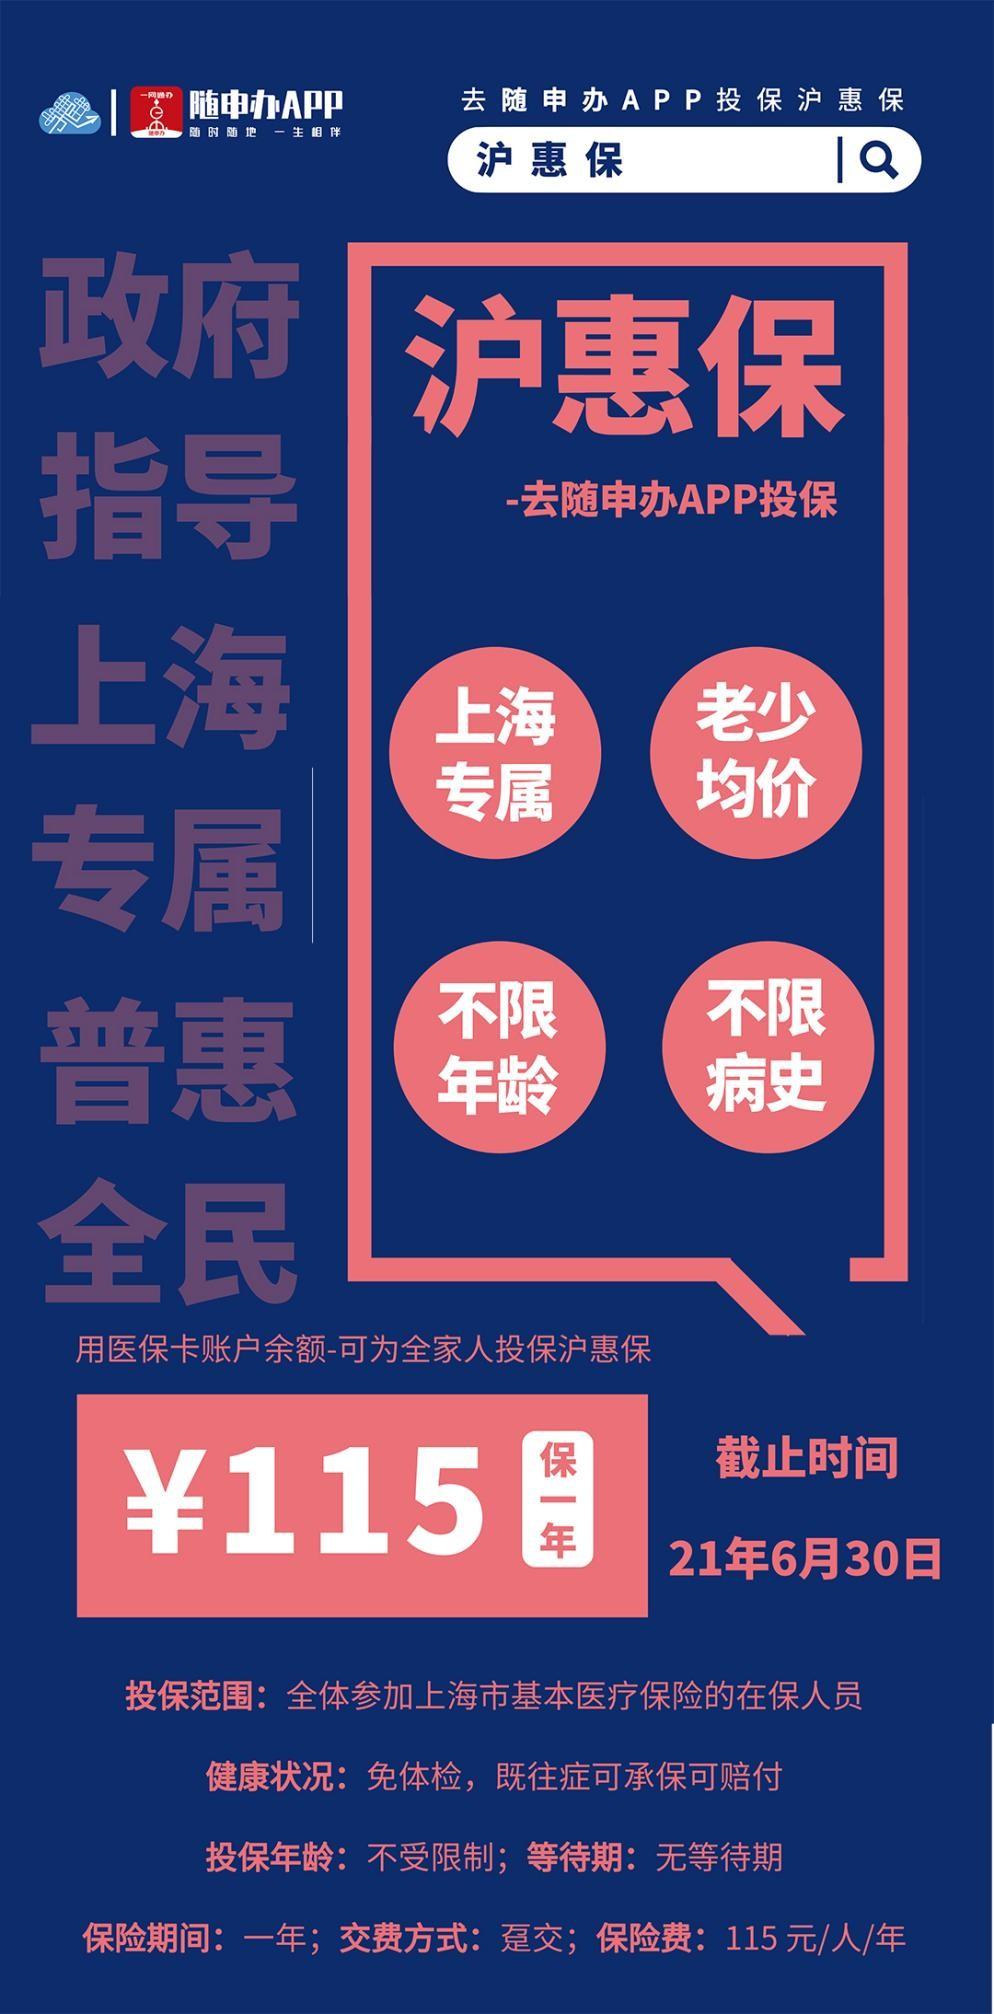 """20岁、30岁、40岁、60岁……不同年龄段关注的""""沪惠保""""热门问题解答来啦!"""